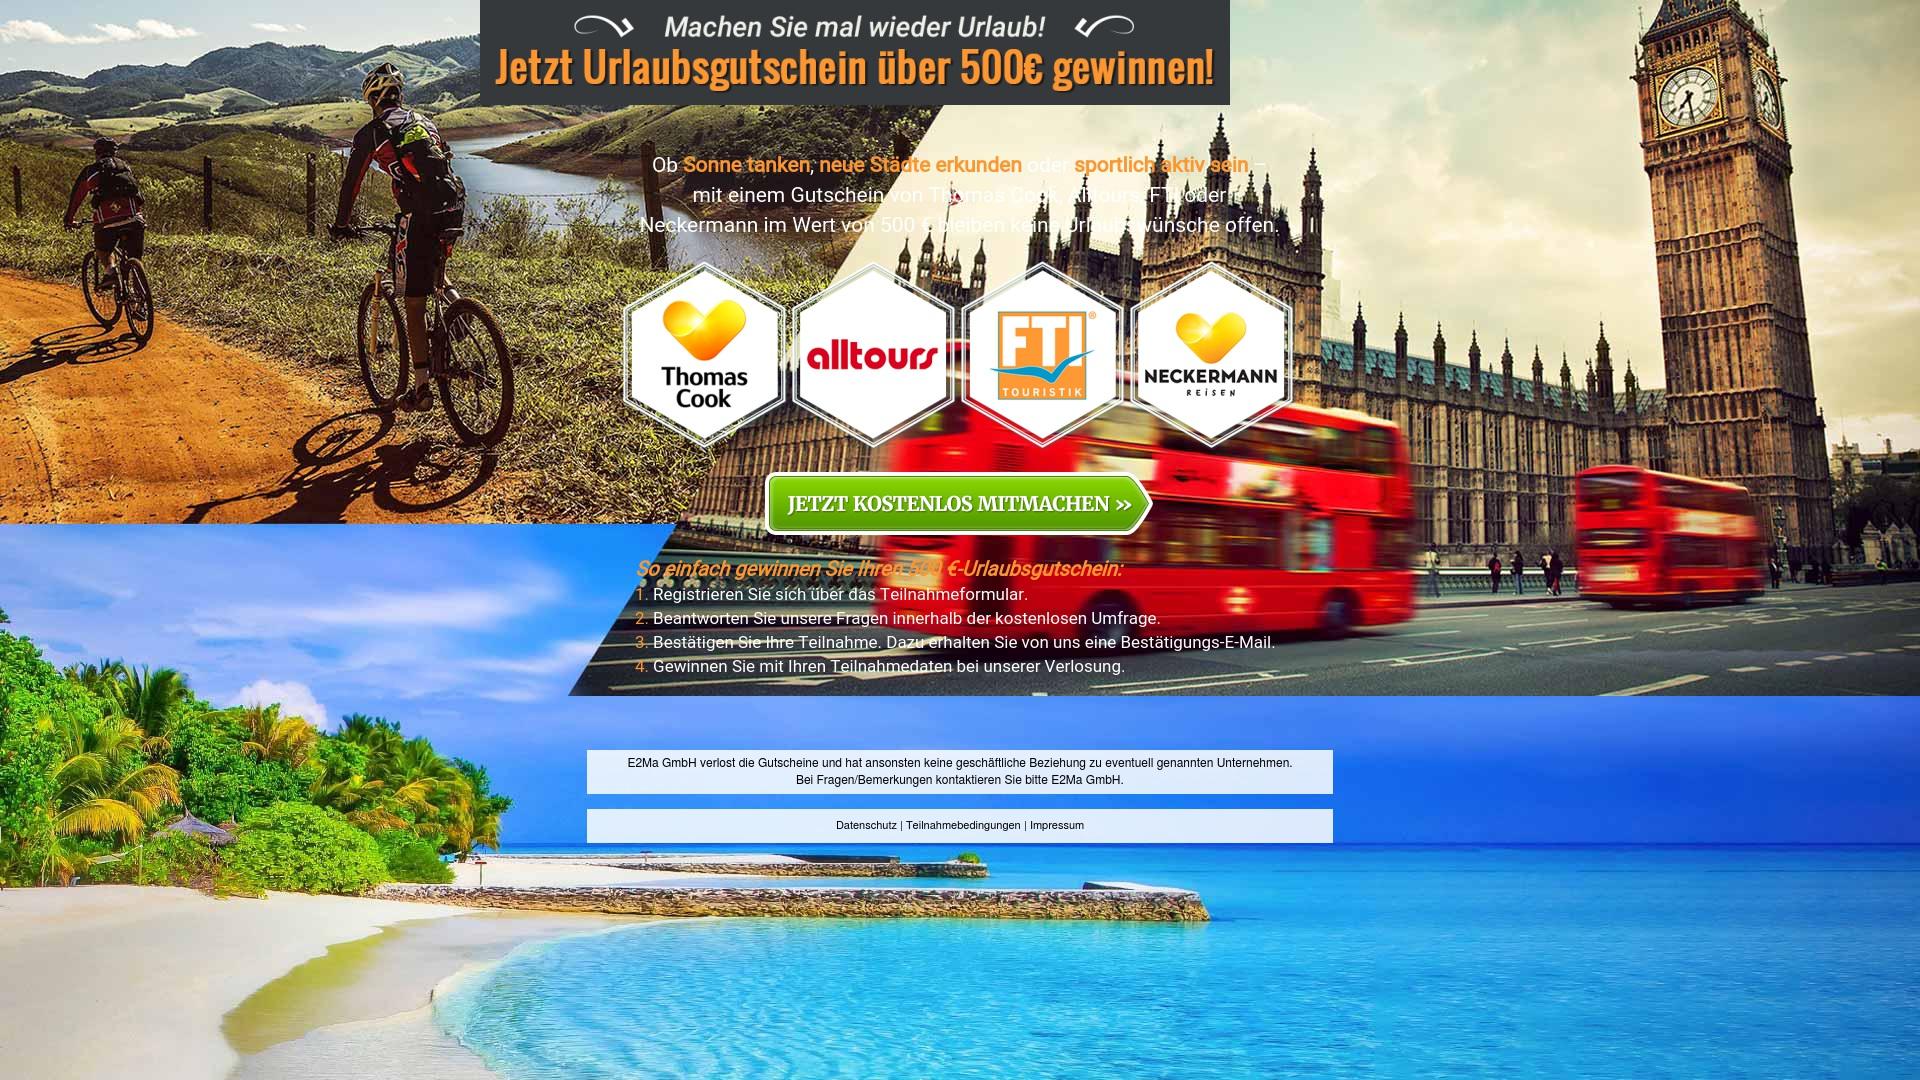 Gutschein für Reise-umfrage: Rabatte für  Reise-umfrage sichern